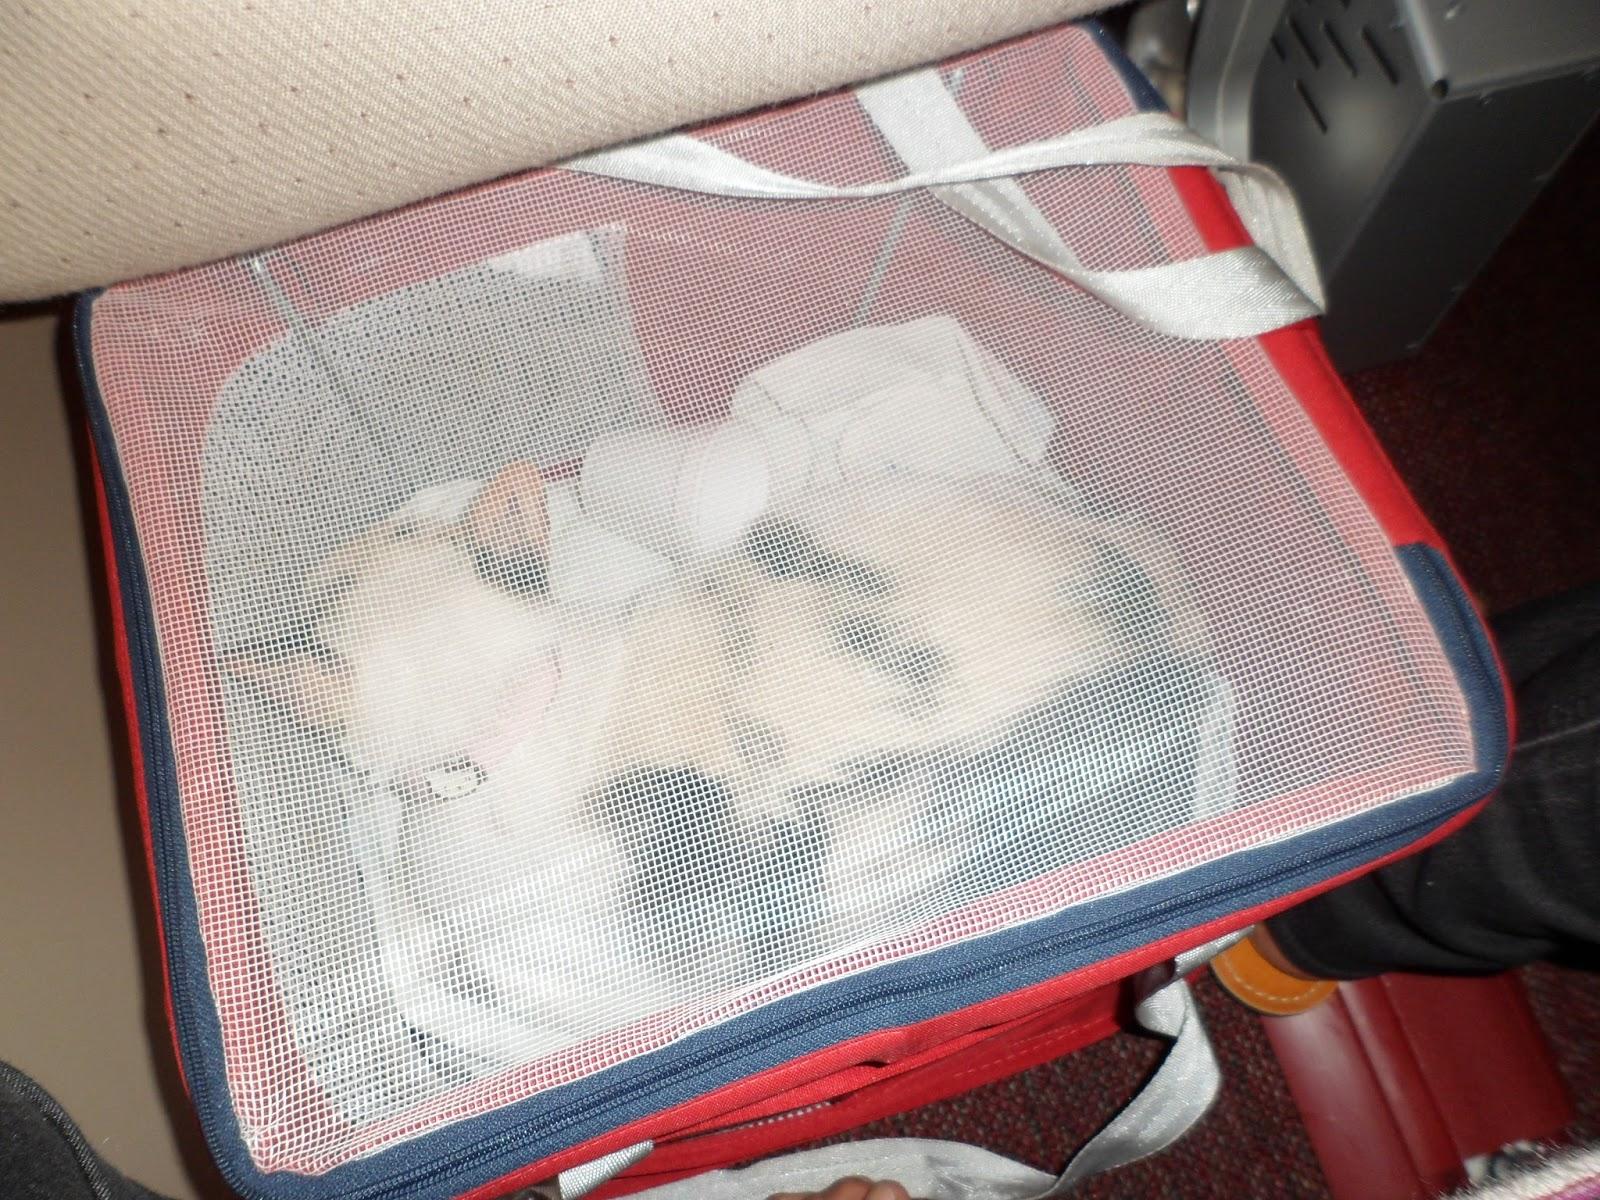 Bolsa De Mão No Avião : Gata lili vai viajar de avi?o com seu gato saiba o que